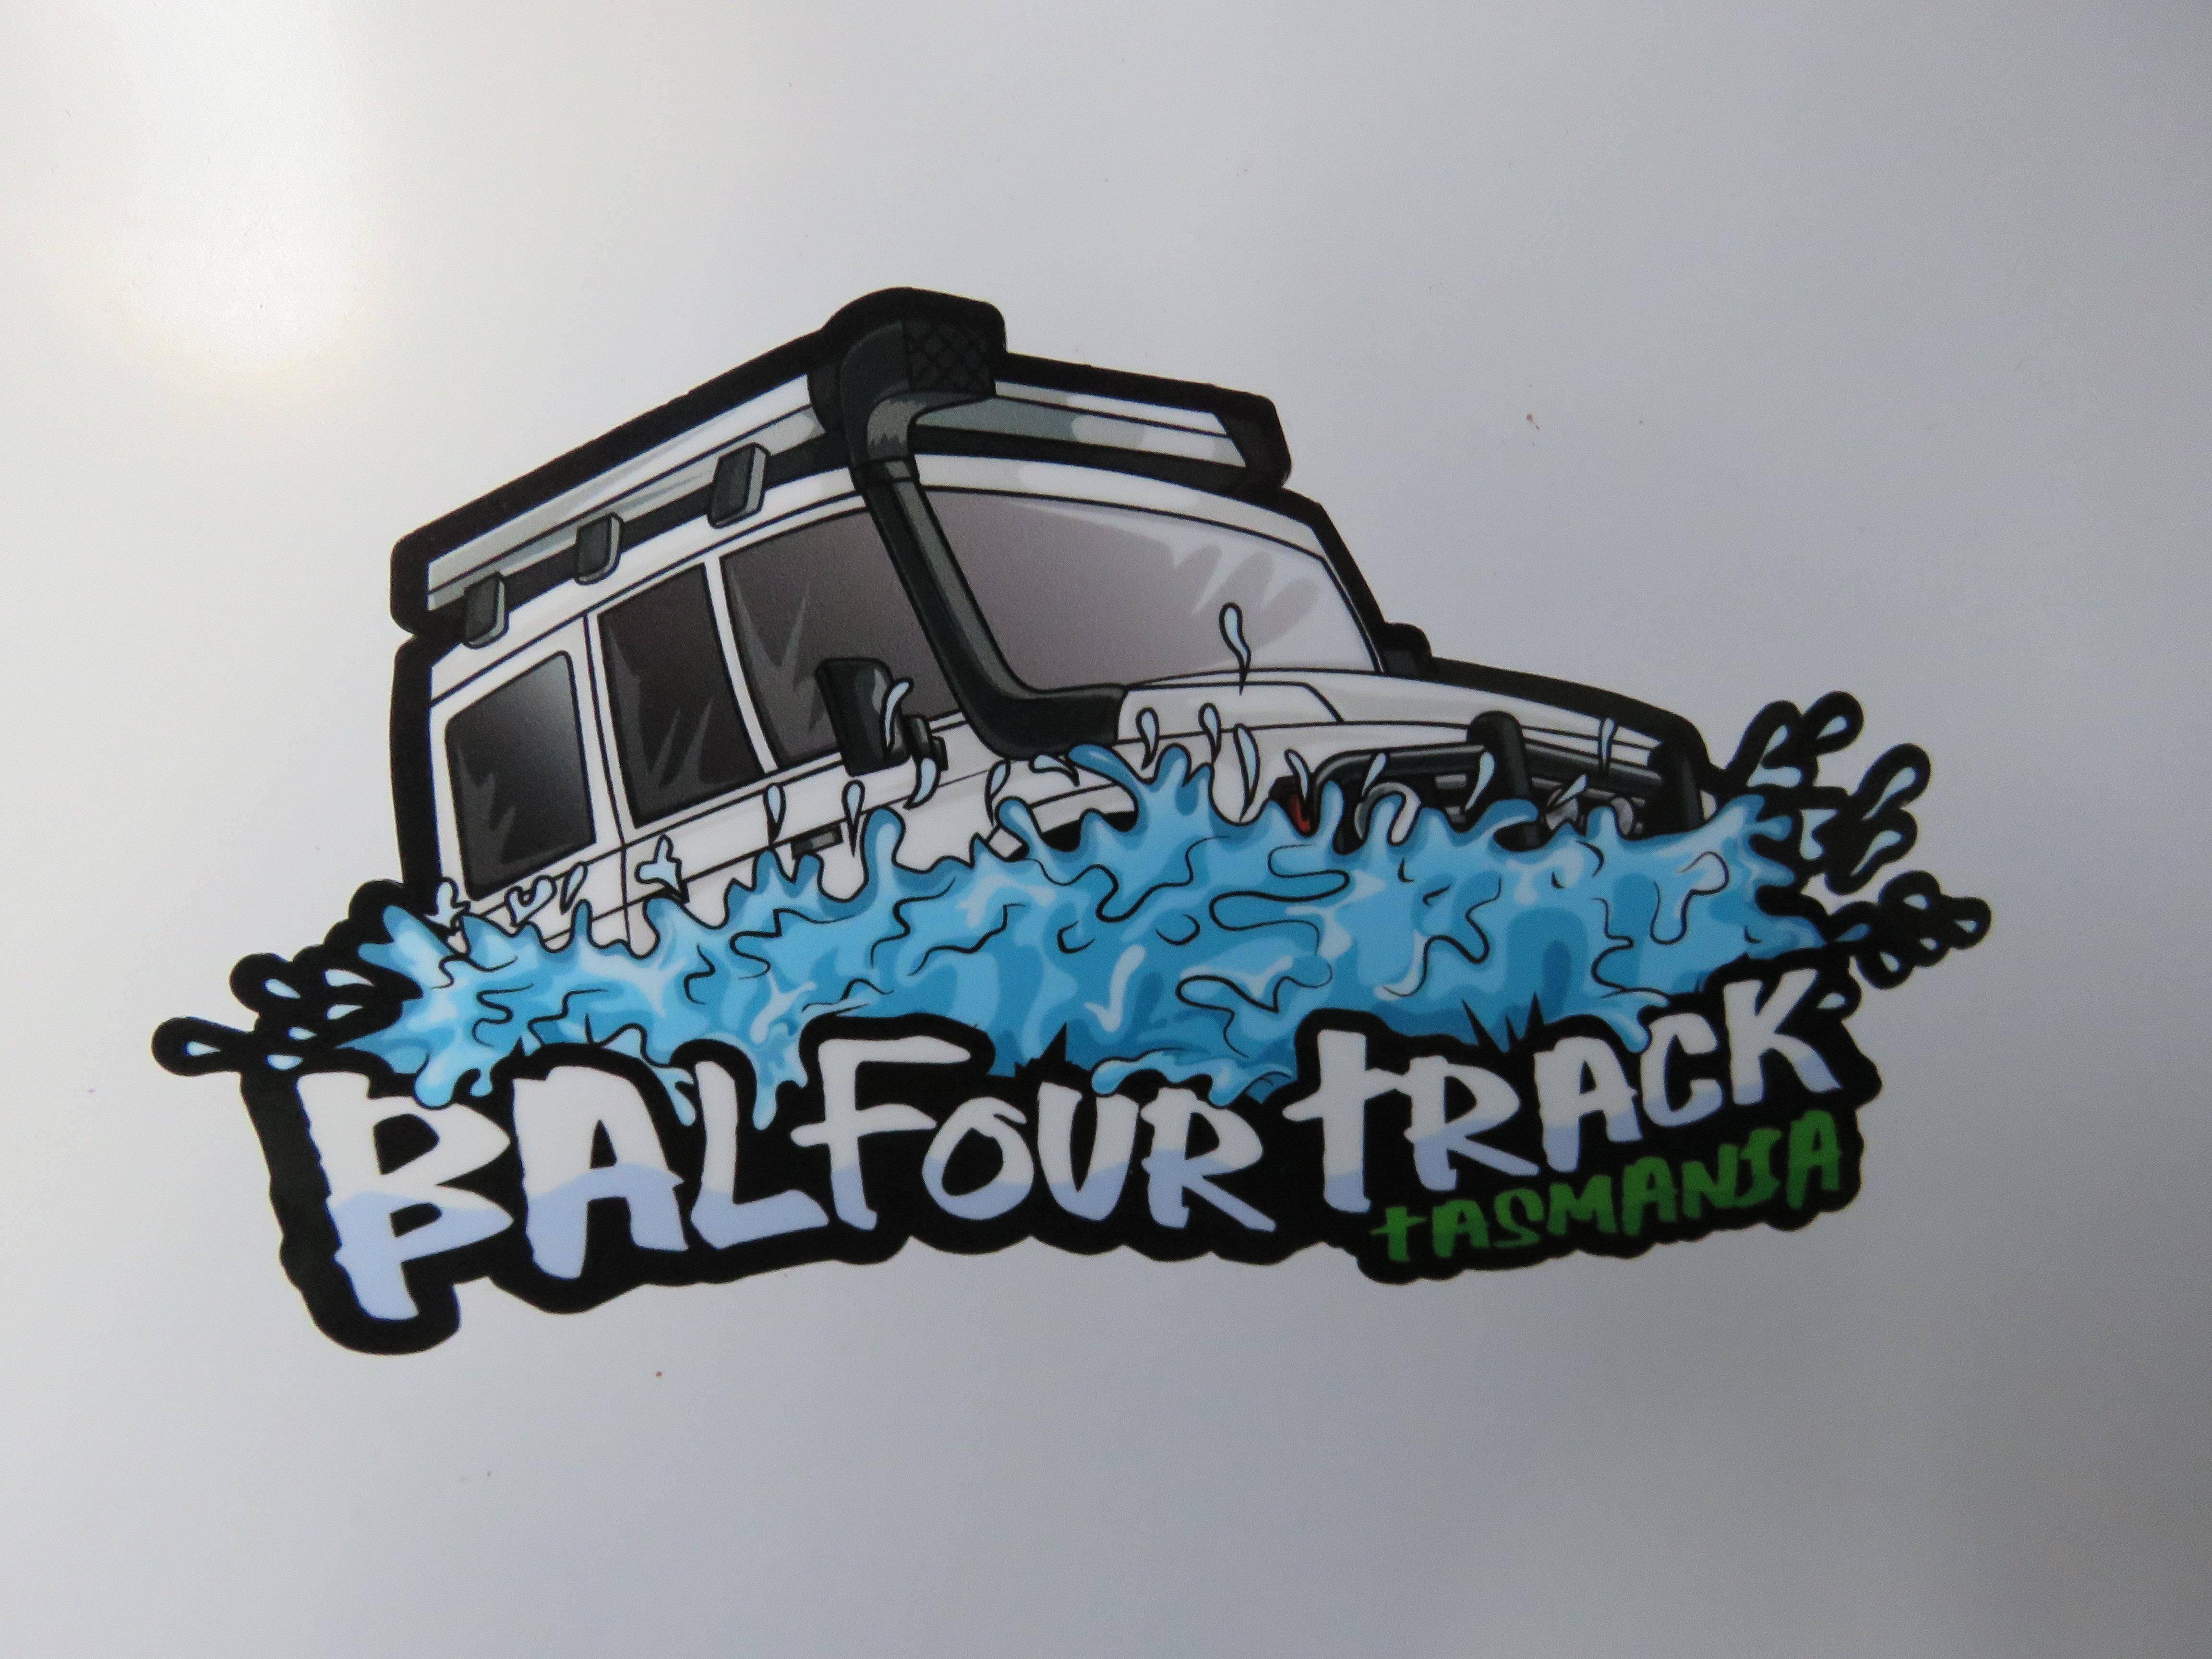 Balfour Track Bumper Sticker Tasoffroadadventures